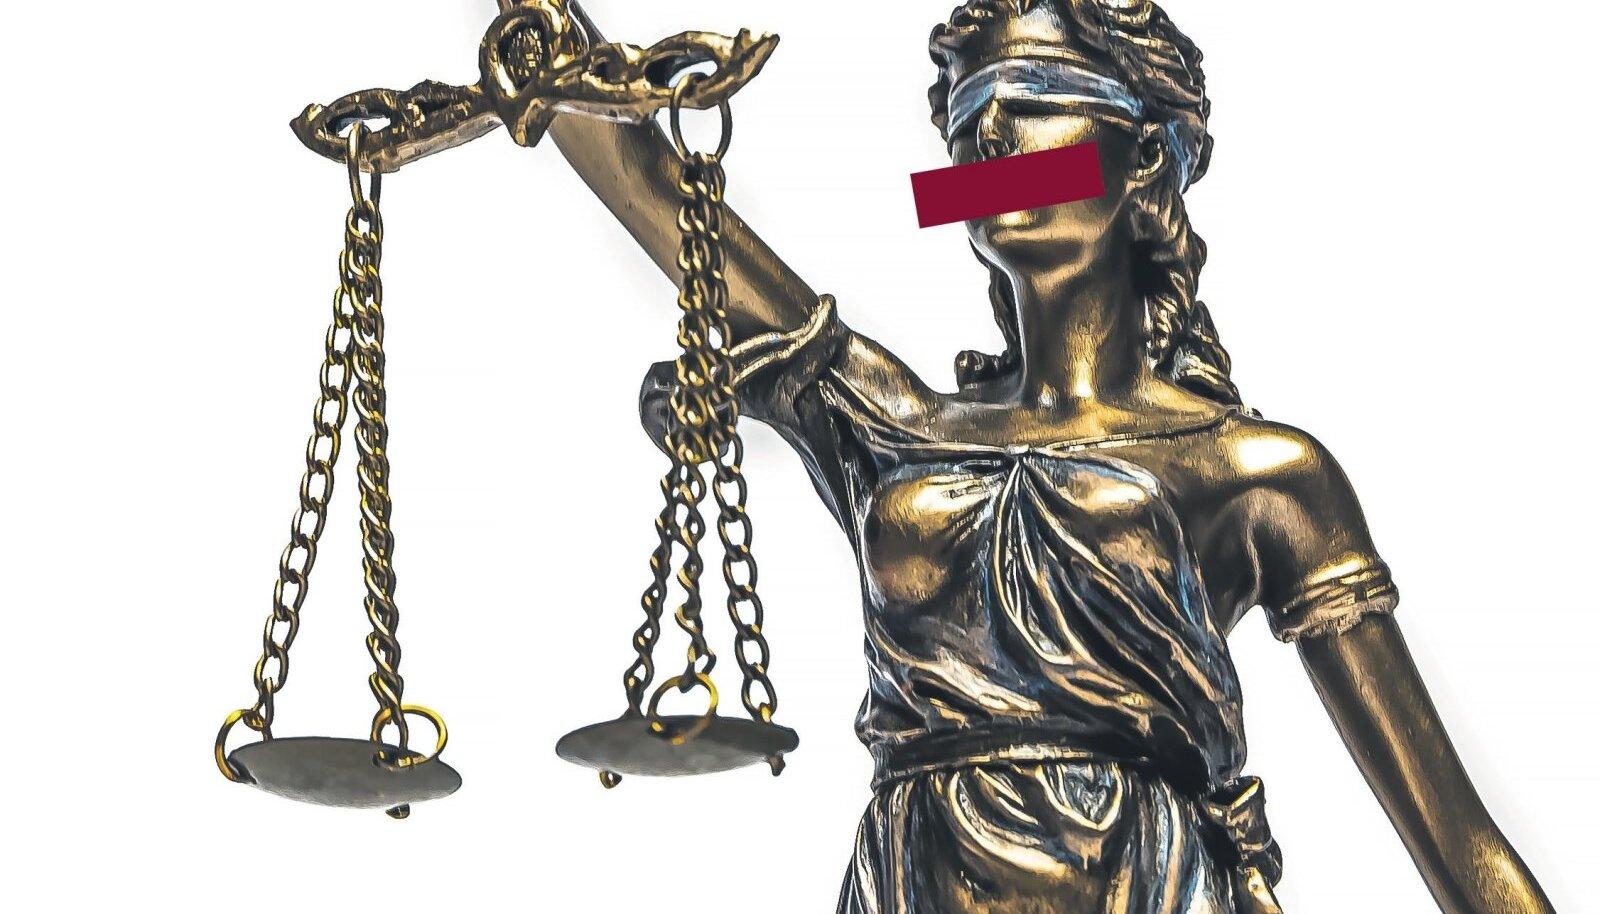 Justitia kinniseotud silmad sümboliseerivad seda, et õigusemõistmises on tähtis ainult seadus. Mis juhtub aga siis, kui seadusandlus äpardub ja kohtumõistja sunnitakse vaikima?